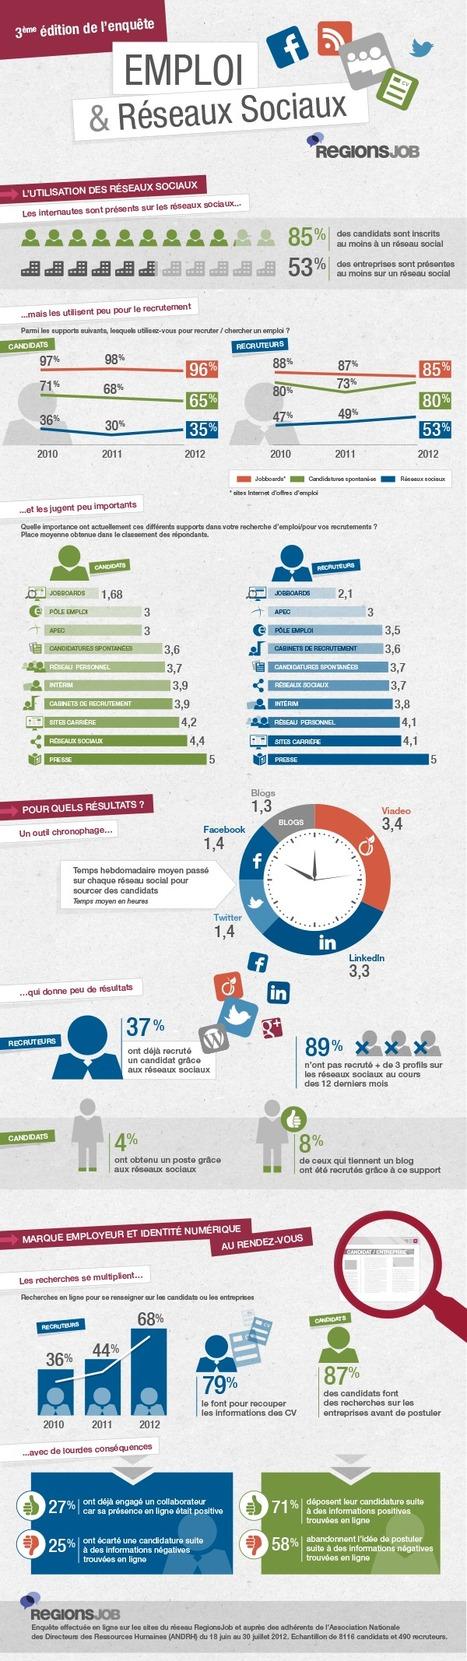 Infographie : Emploi et Réseaux sociaux en France | internet et education populaire | Scoop.it